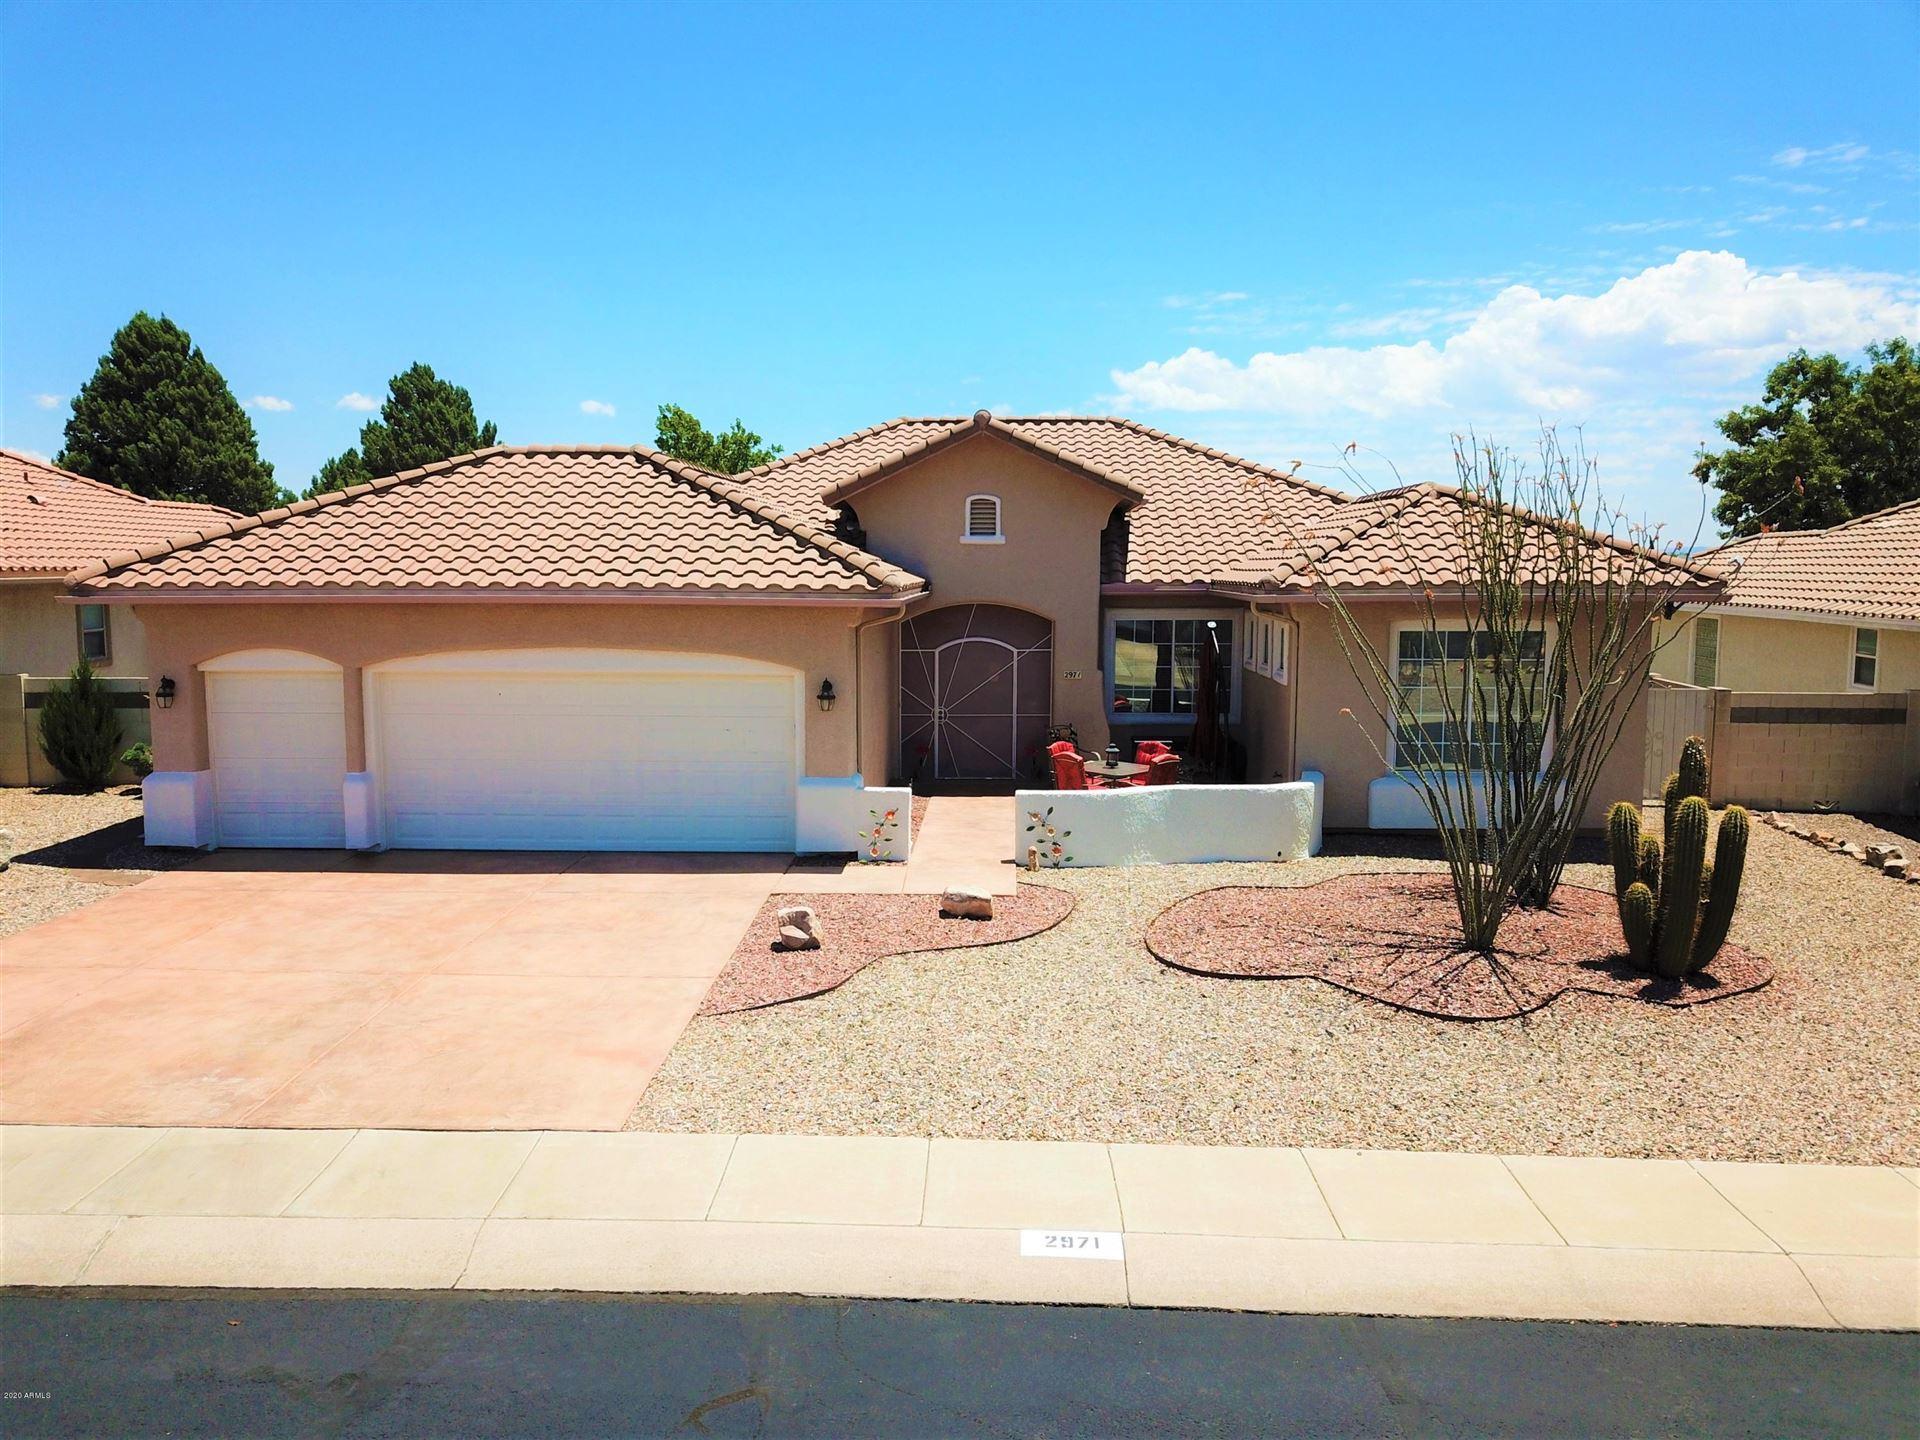 2971 Softwind Drive, Sierra Vista, AZ 85650 - #: 6092447